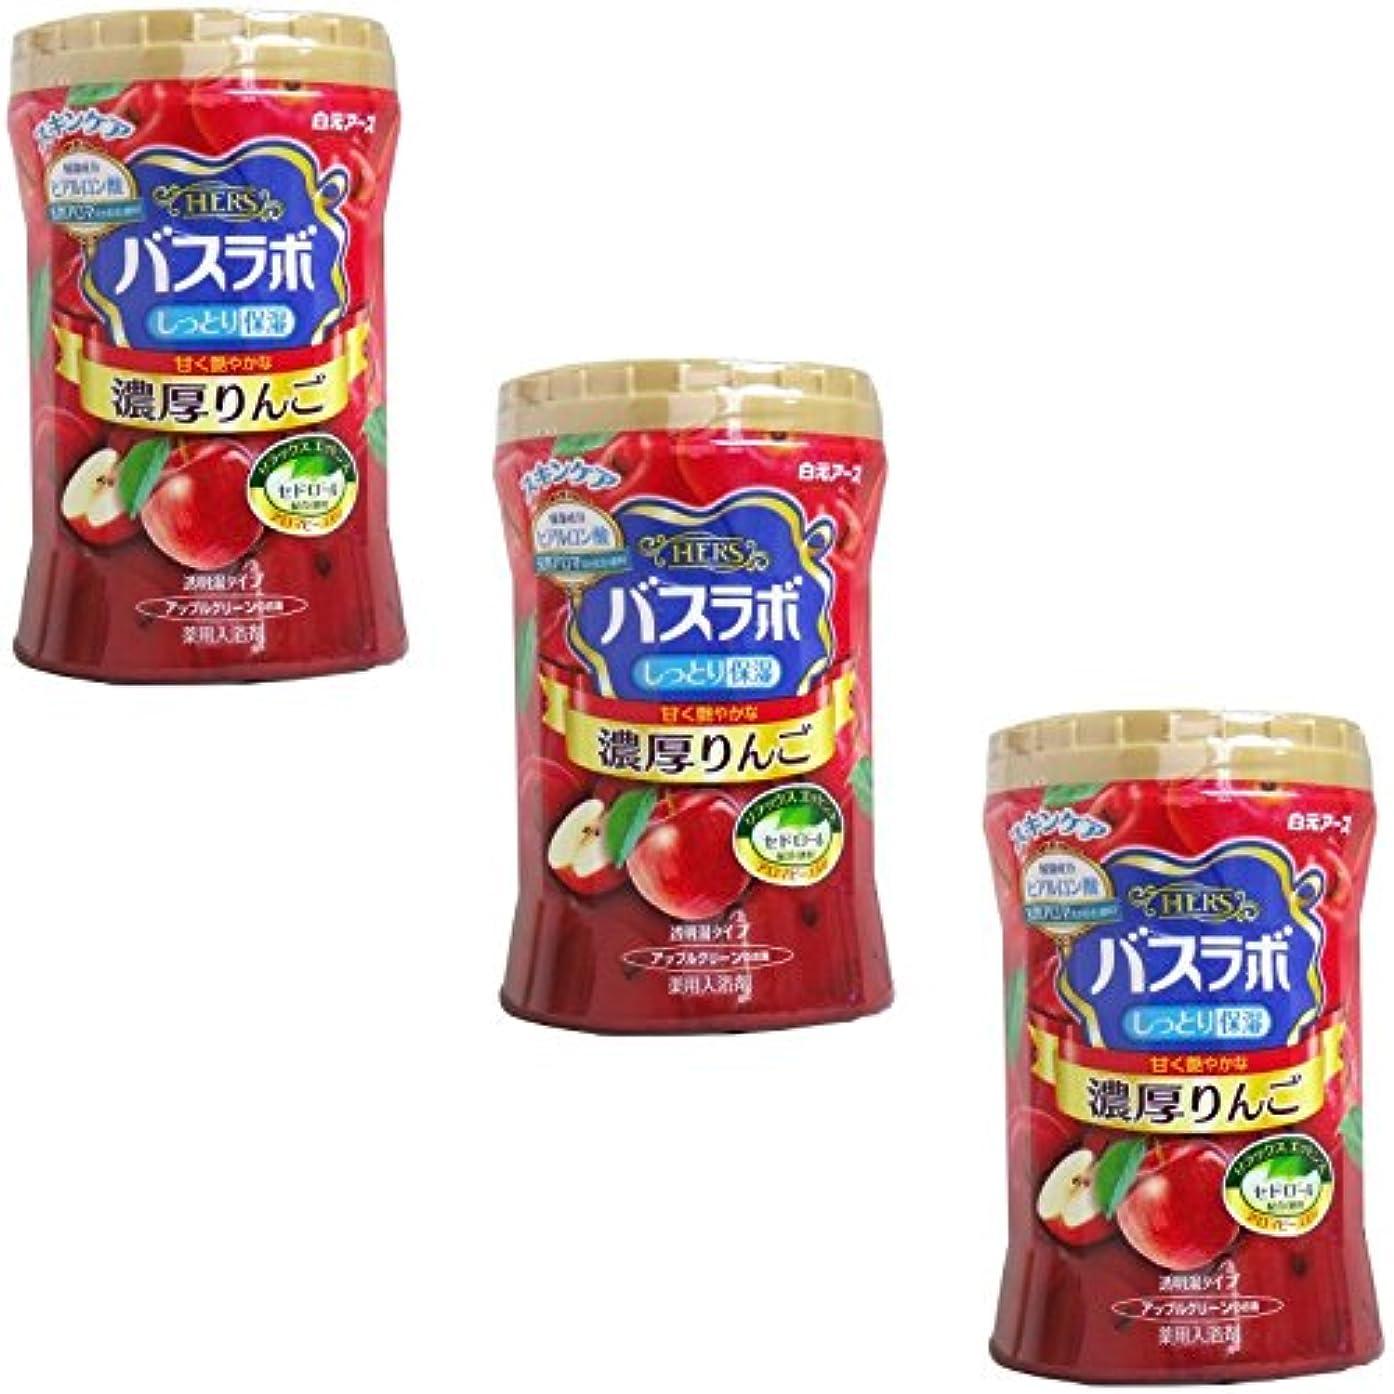 残るベル表示【まとめ買い】バスラボボトル濃厚りんごの香り【×3個】